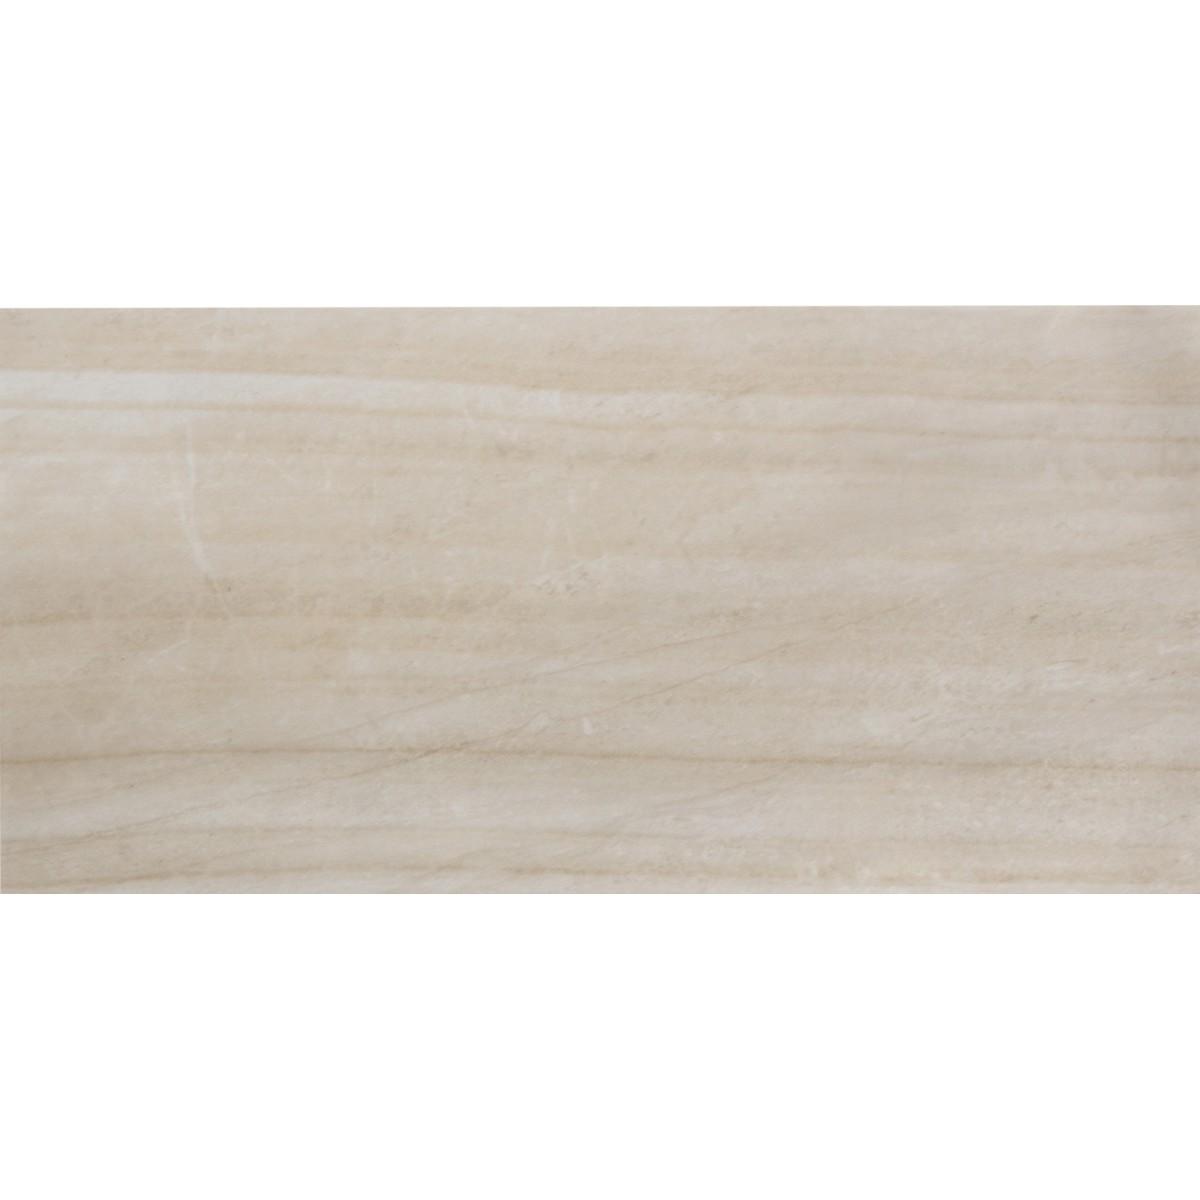 Плитка настенная Плаза 25x50 см 1 м2 цвет бежевый